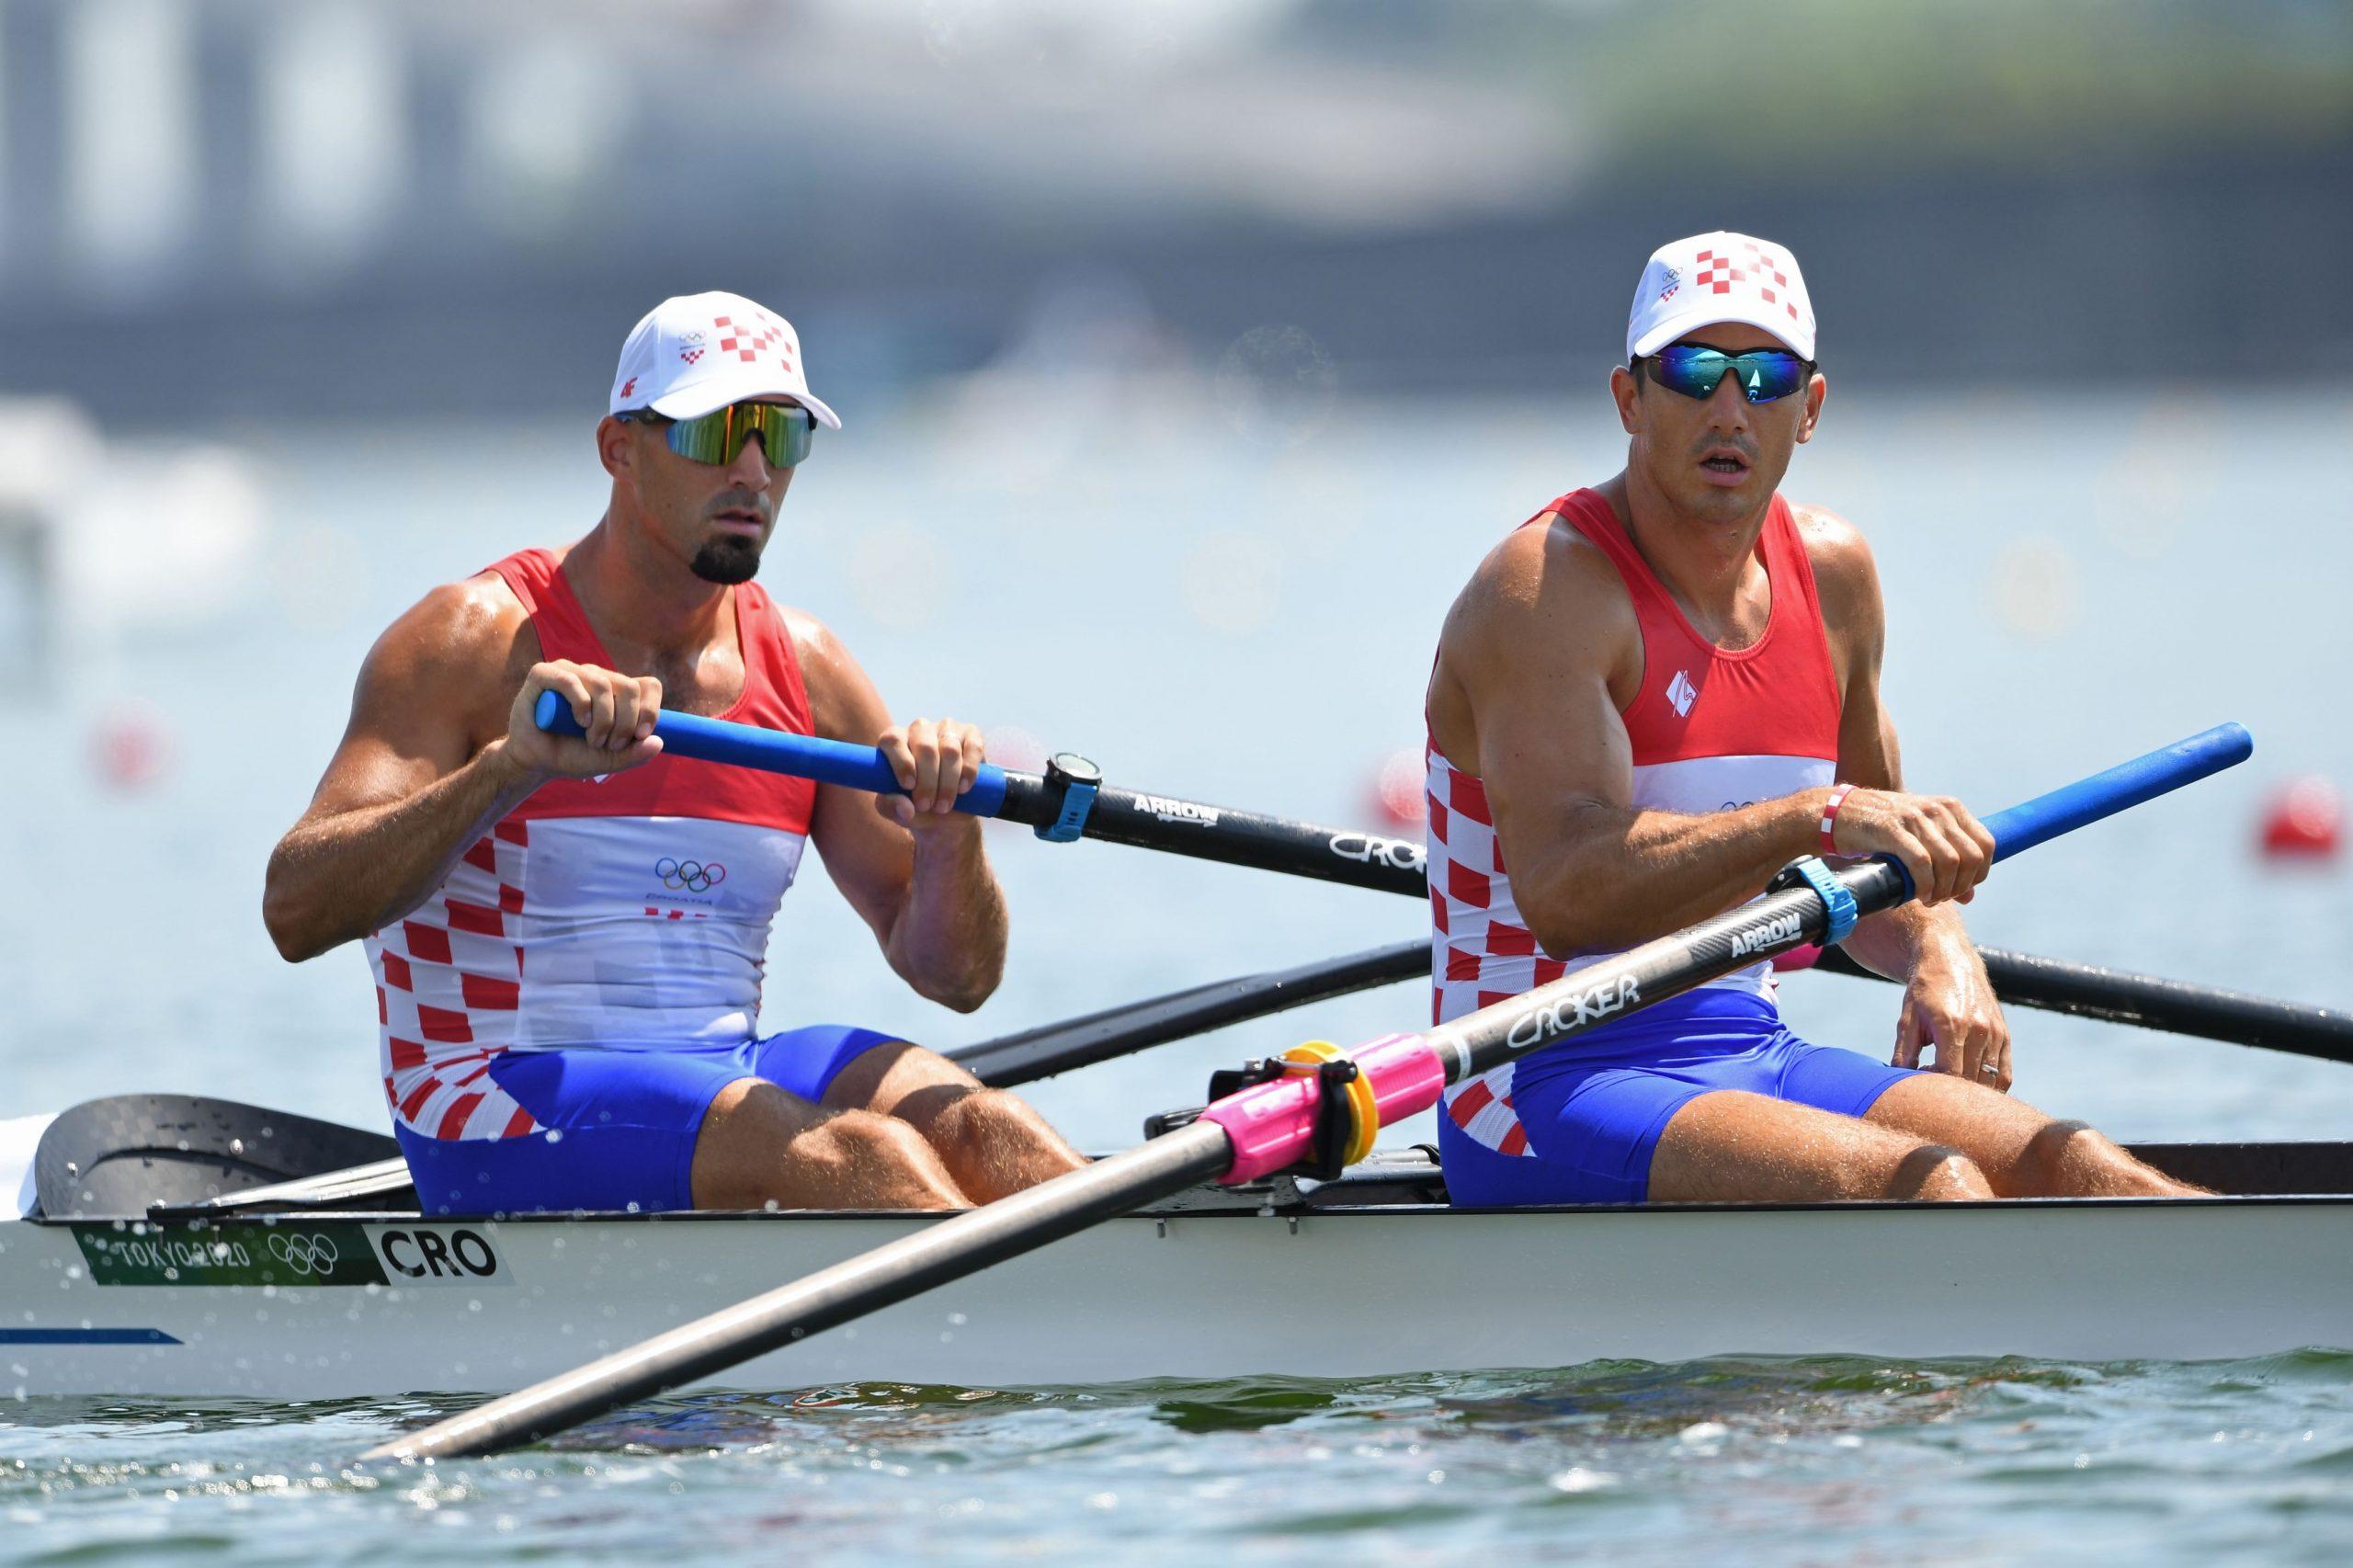 Braća Sinović ostvarili su željeni cilj/Foto REUTERS